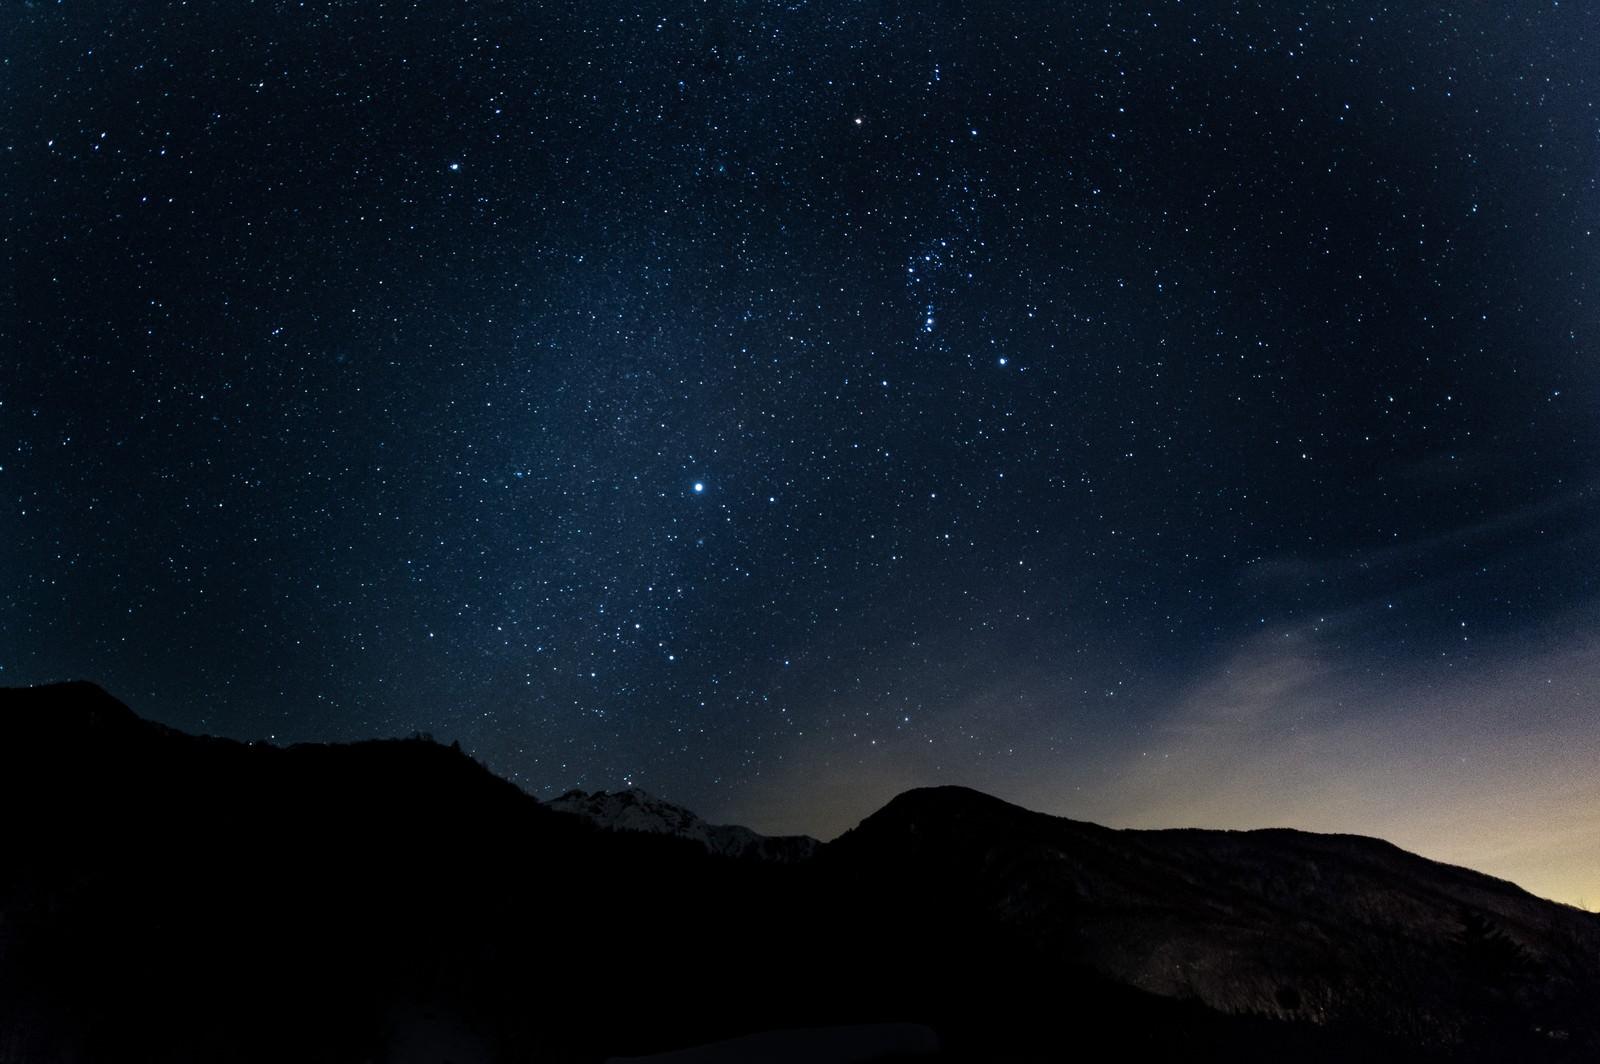 「満点の星空を眺める(北アルプス)満点の星空を眺める(北アルプス)」のフリー写真素材を拡大